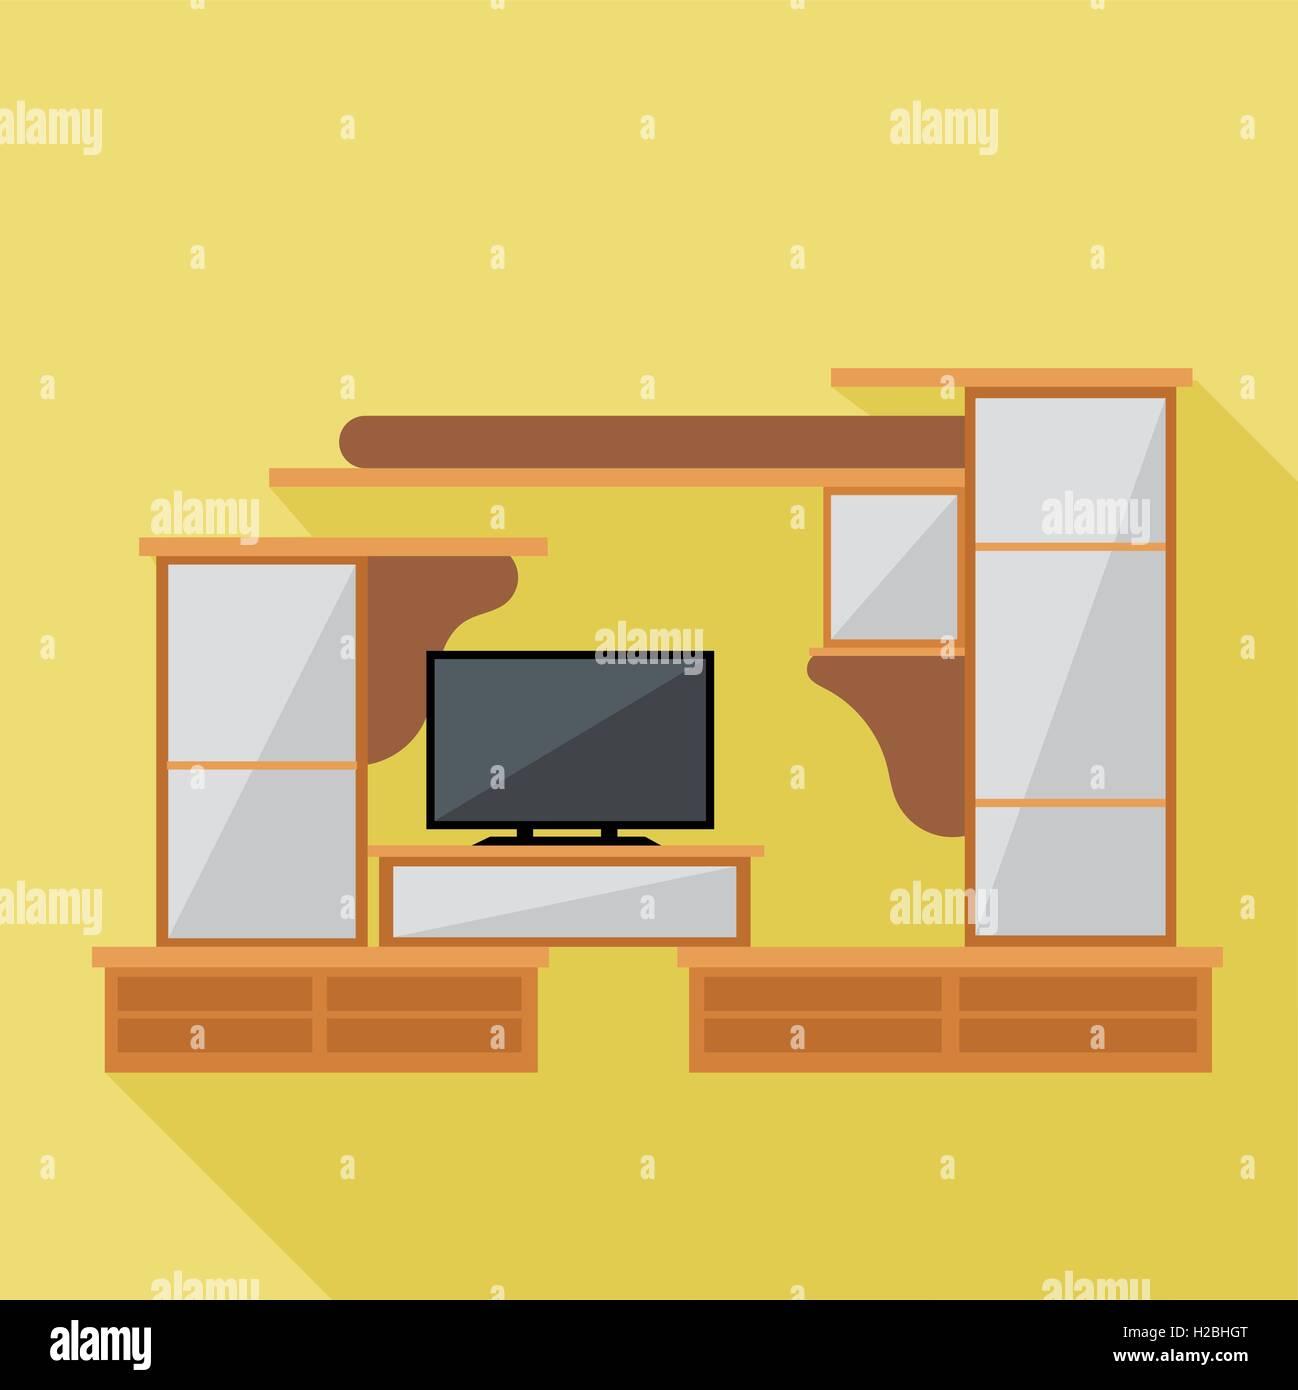 Mueble Archivador Marr N Vectoriales Digitales Y El Televisor  # Muebles Digitales